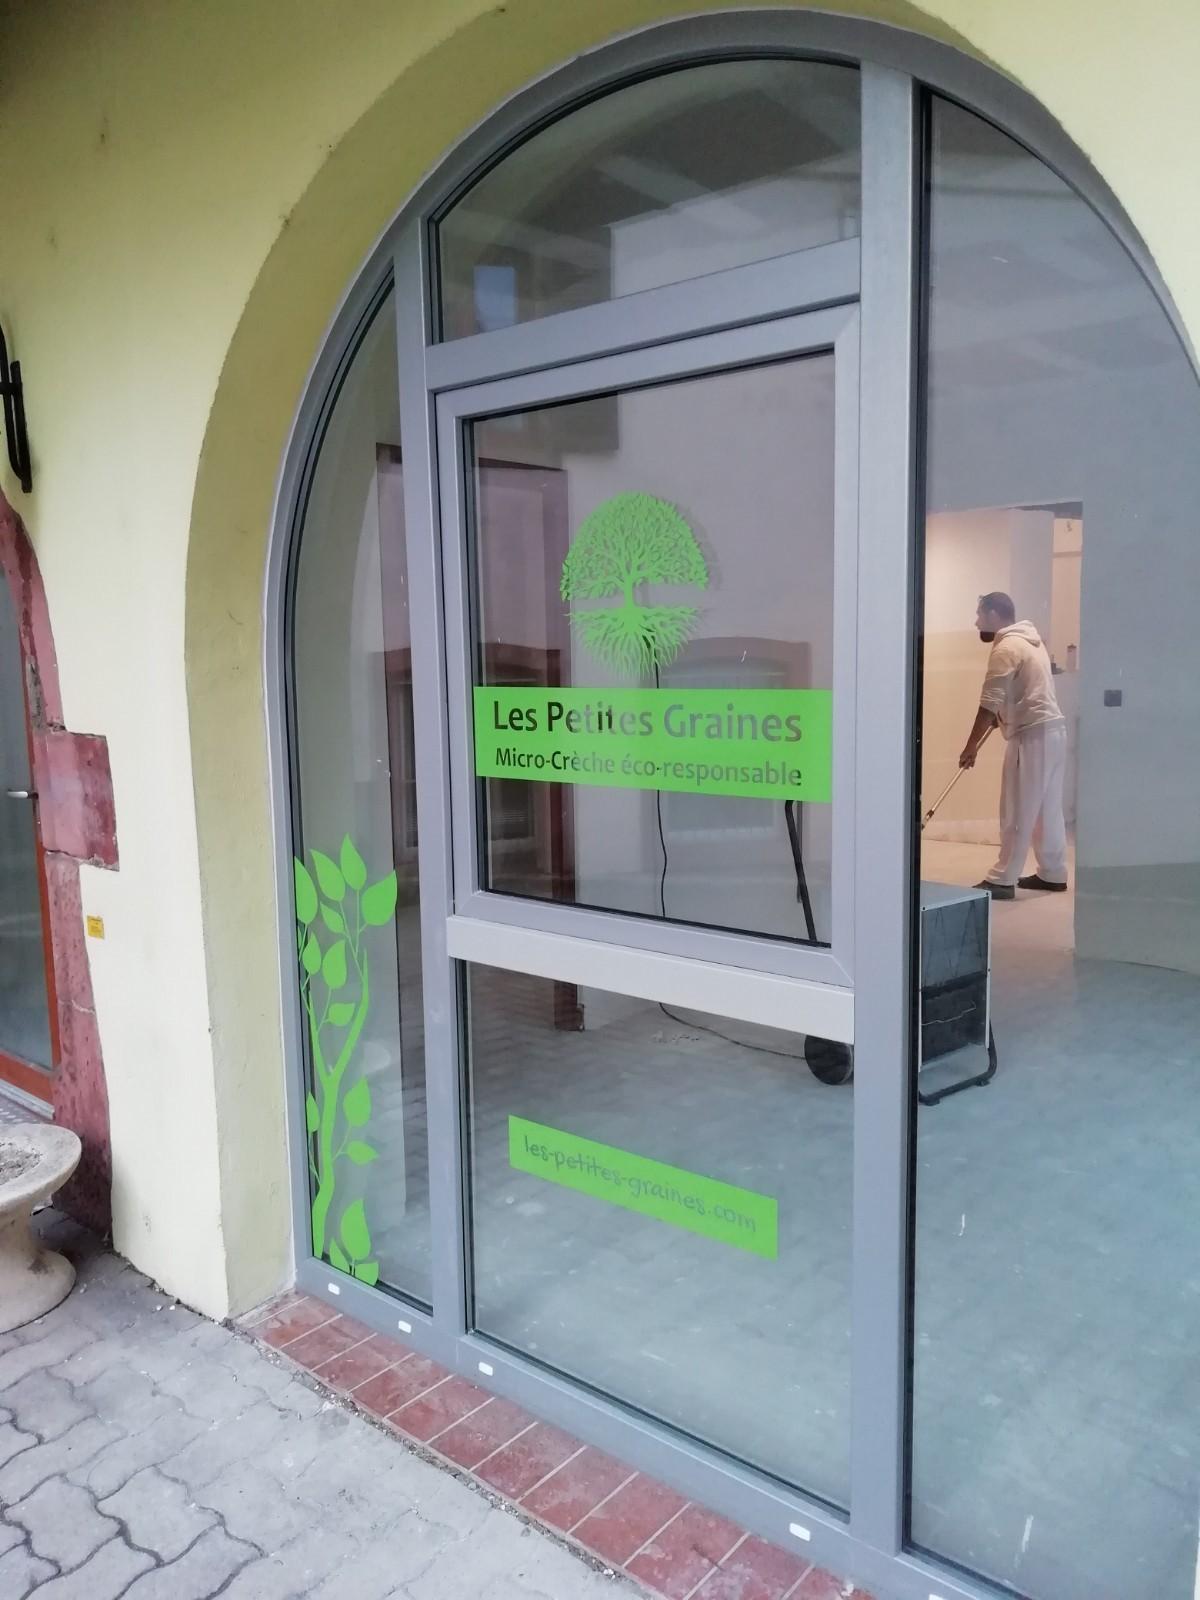 Identité visuelle et campagne de communication pour une micro-crèche